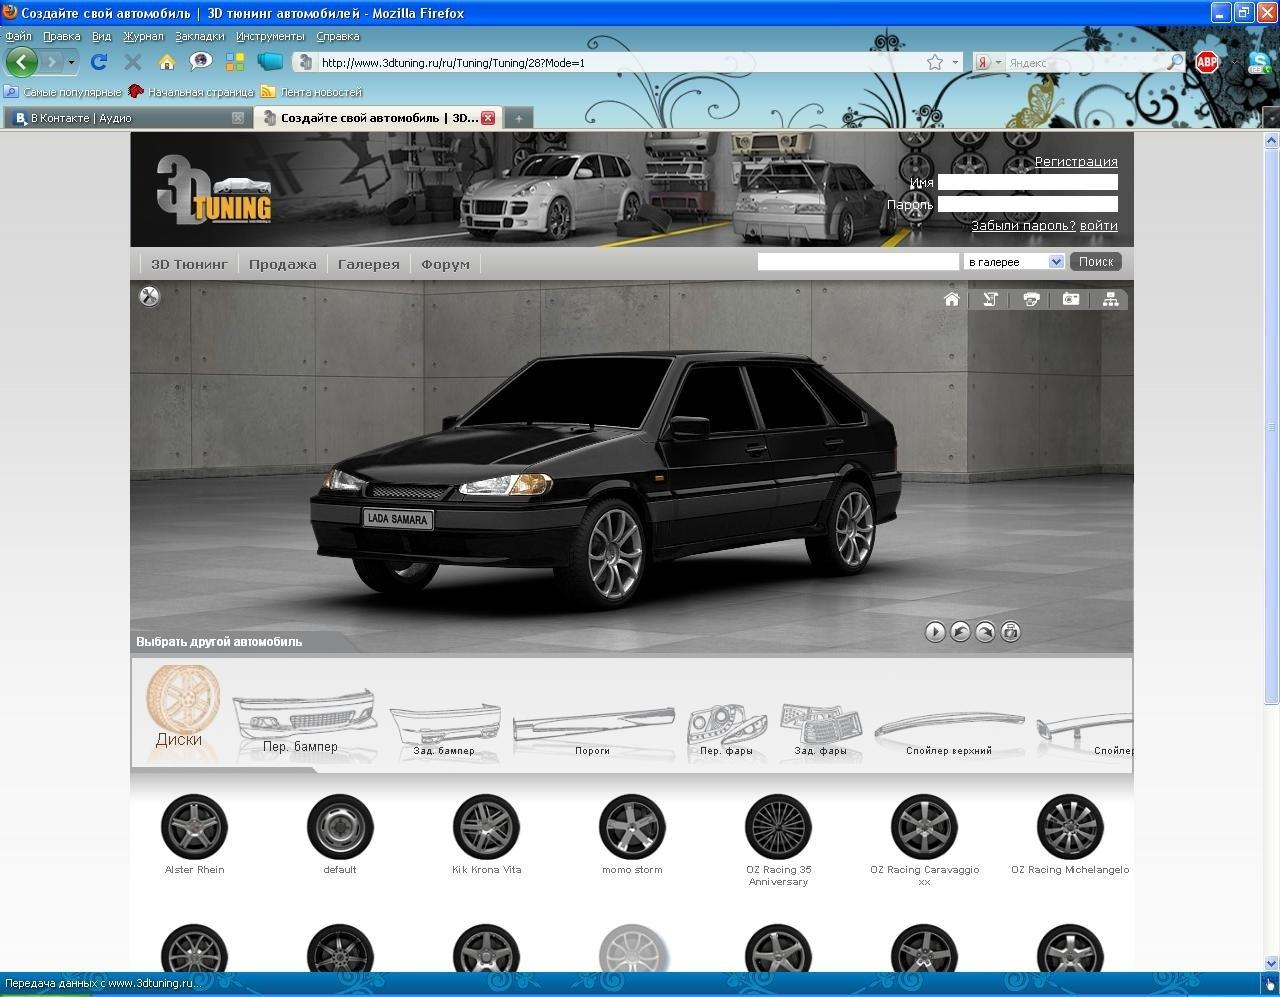 Автотюнинг авто с помощью онлайн-сервисов